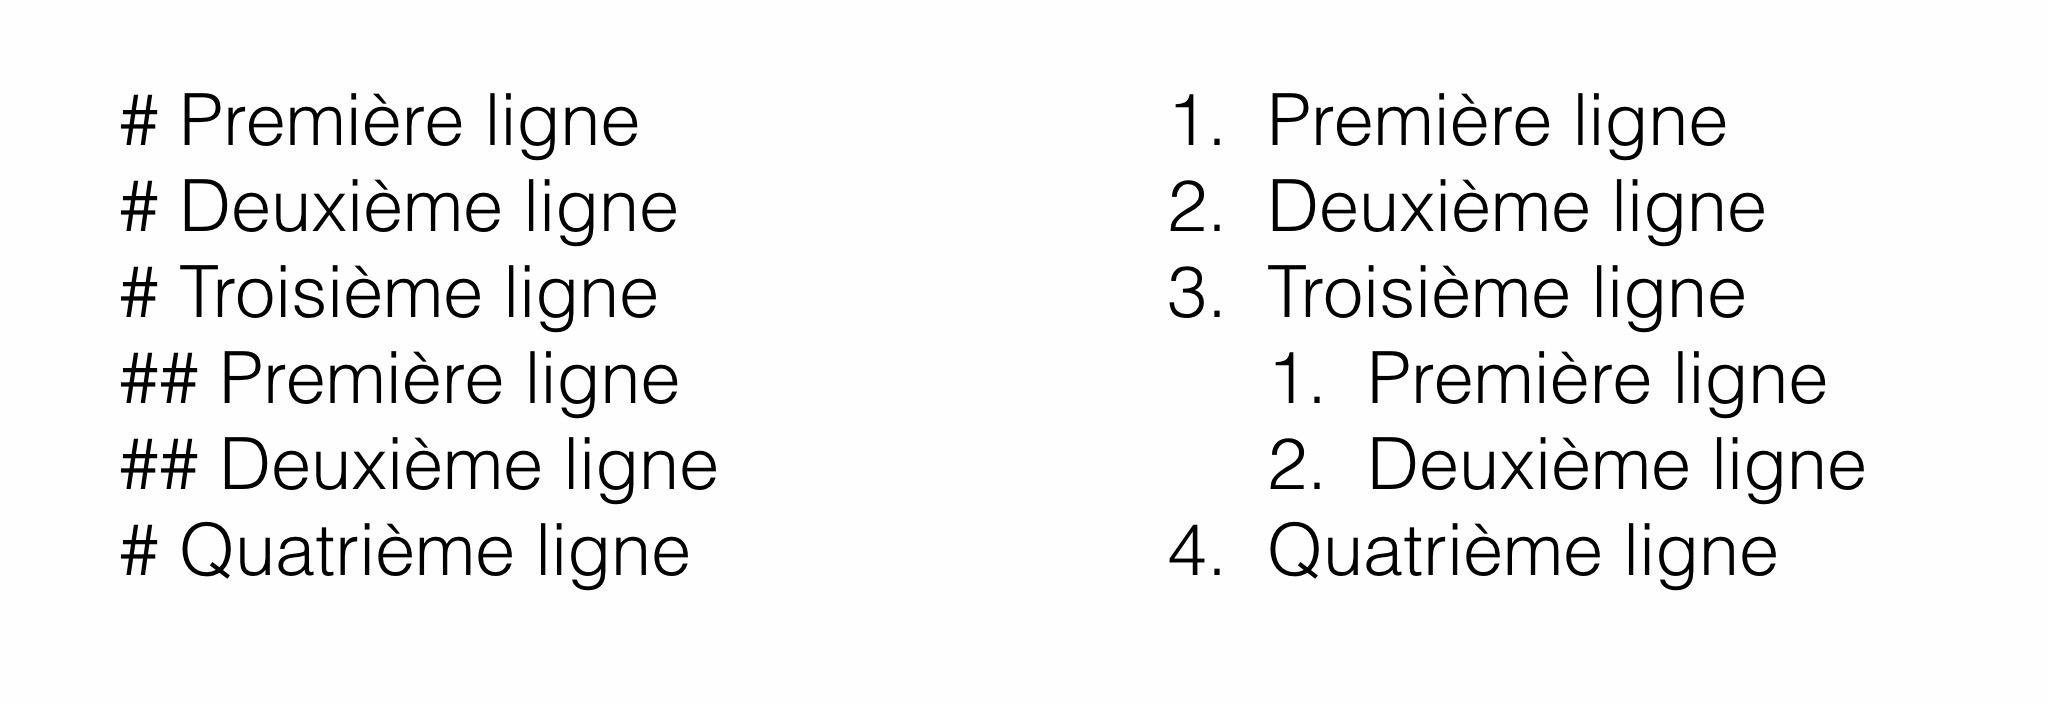 Liste à puces créée avec des dièses